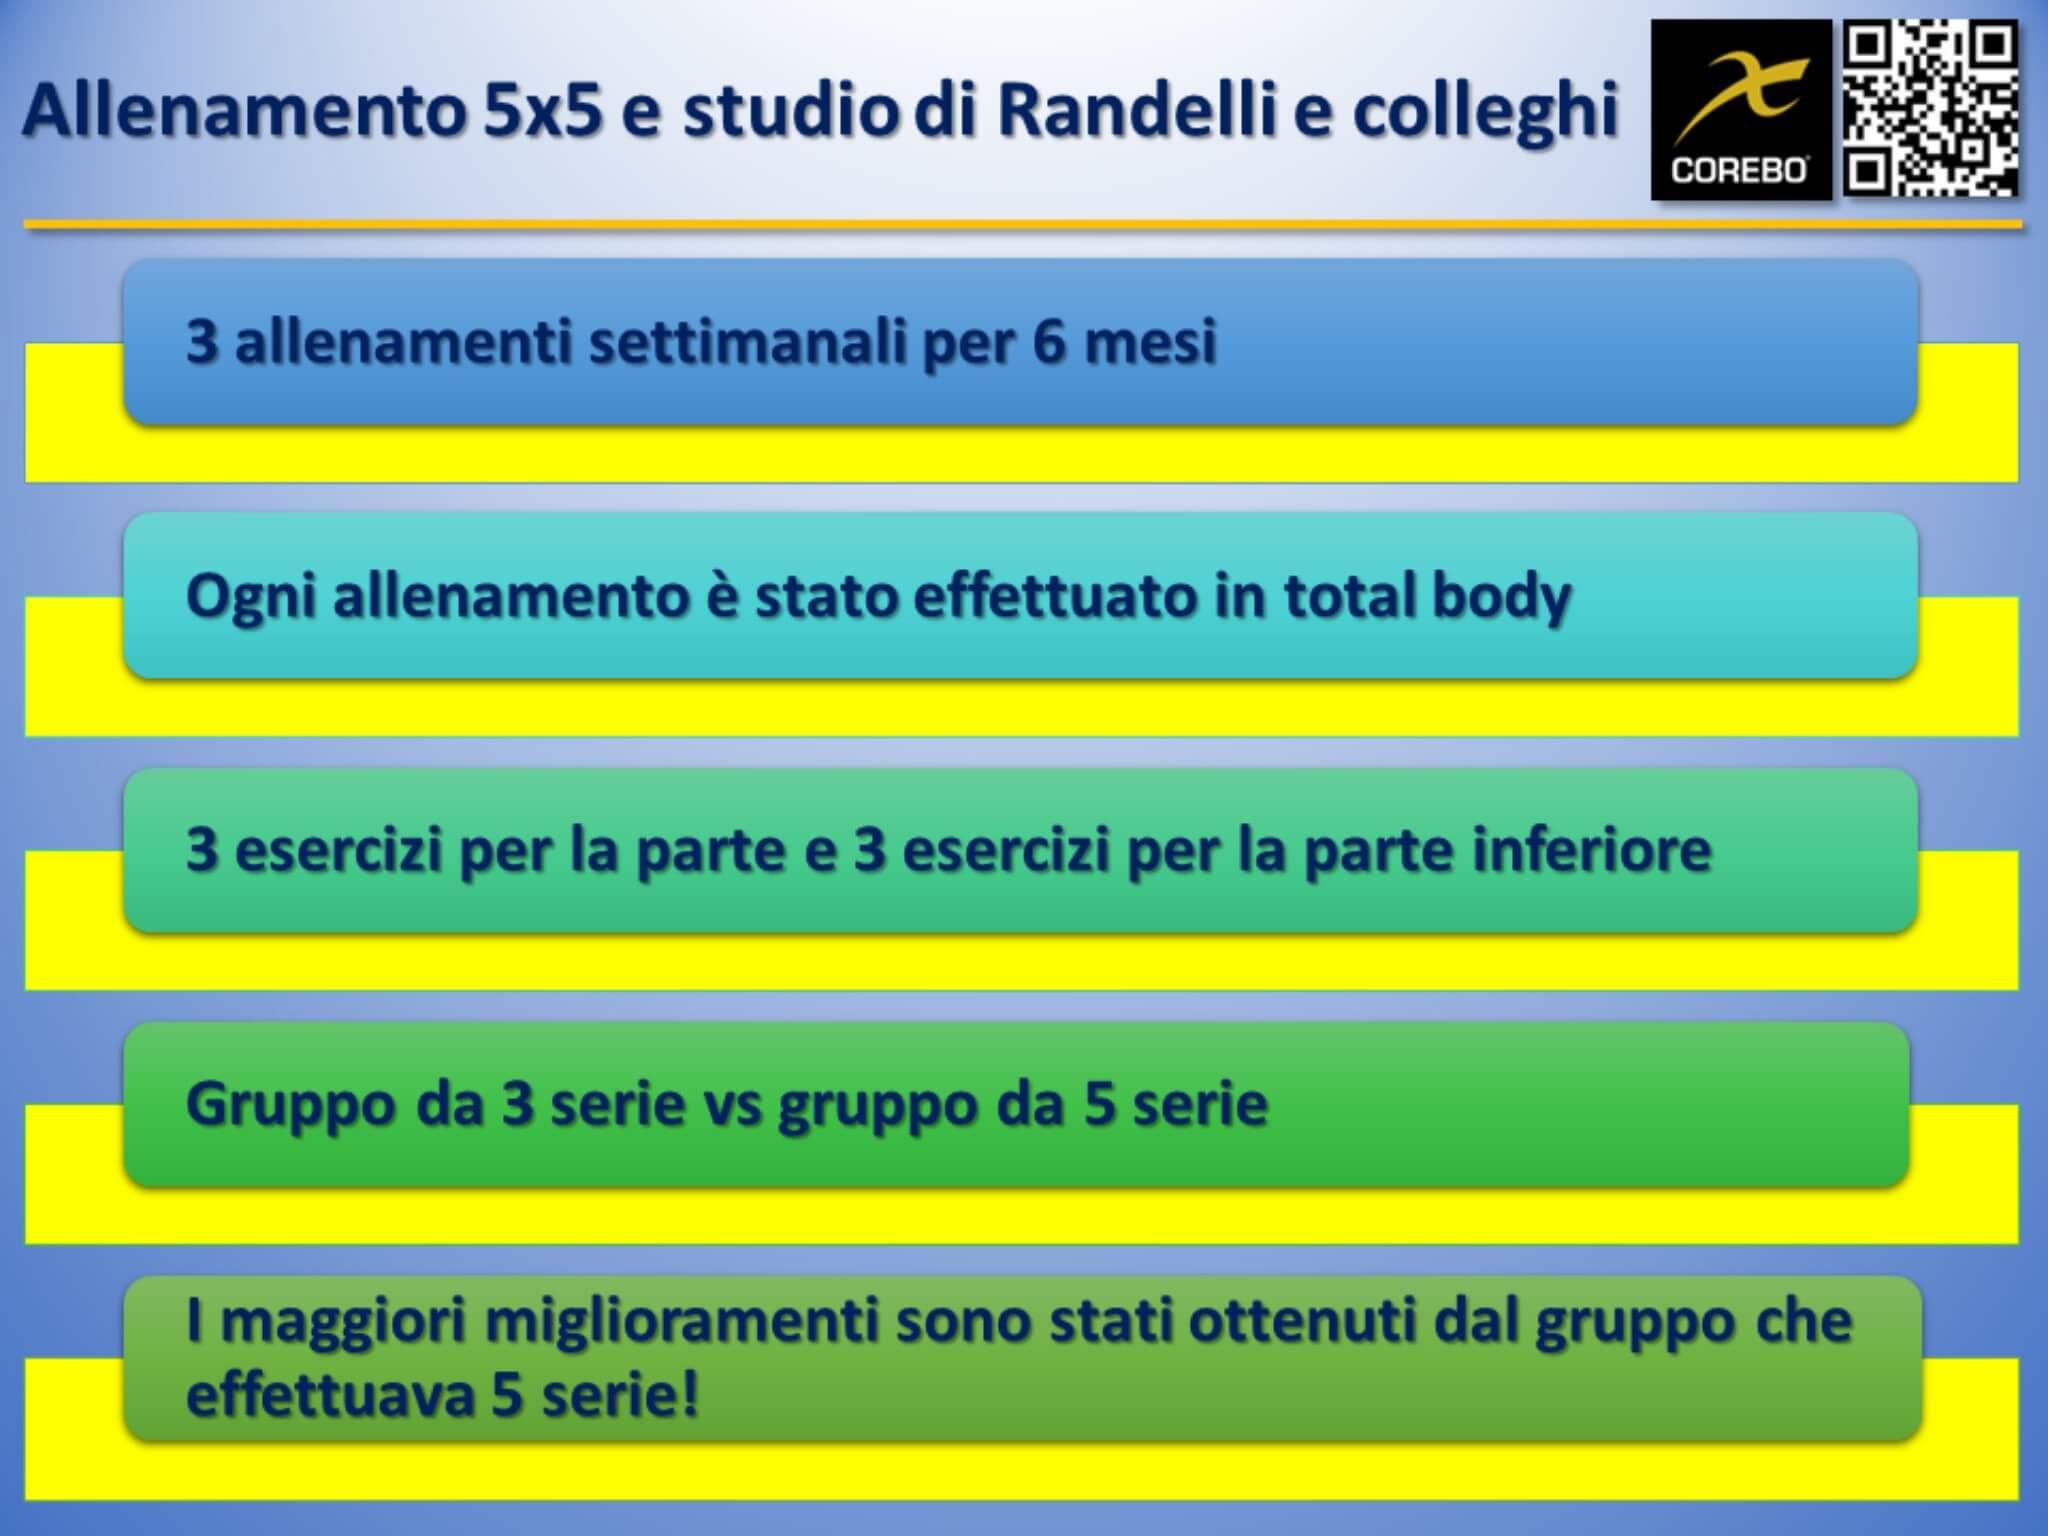 allenamento 5x5